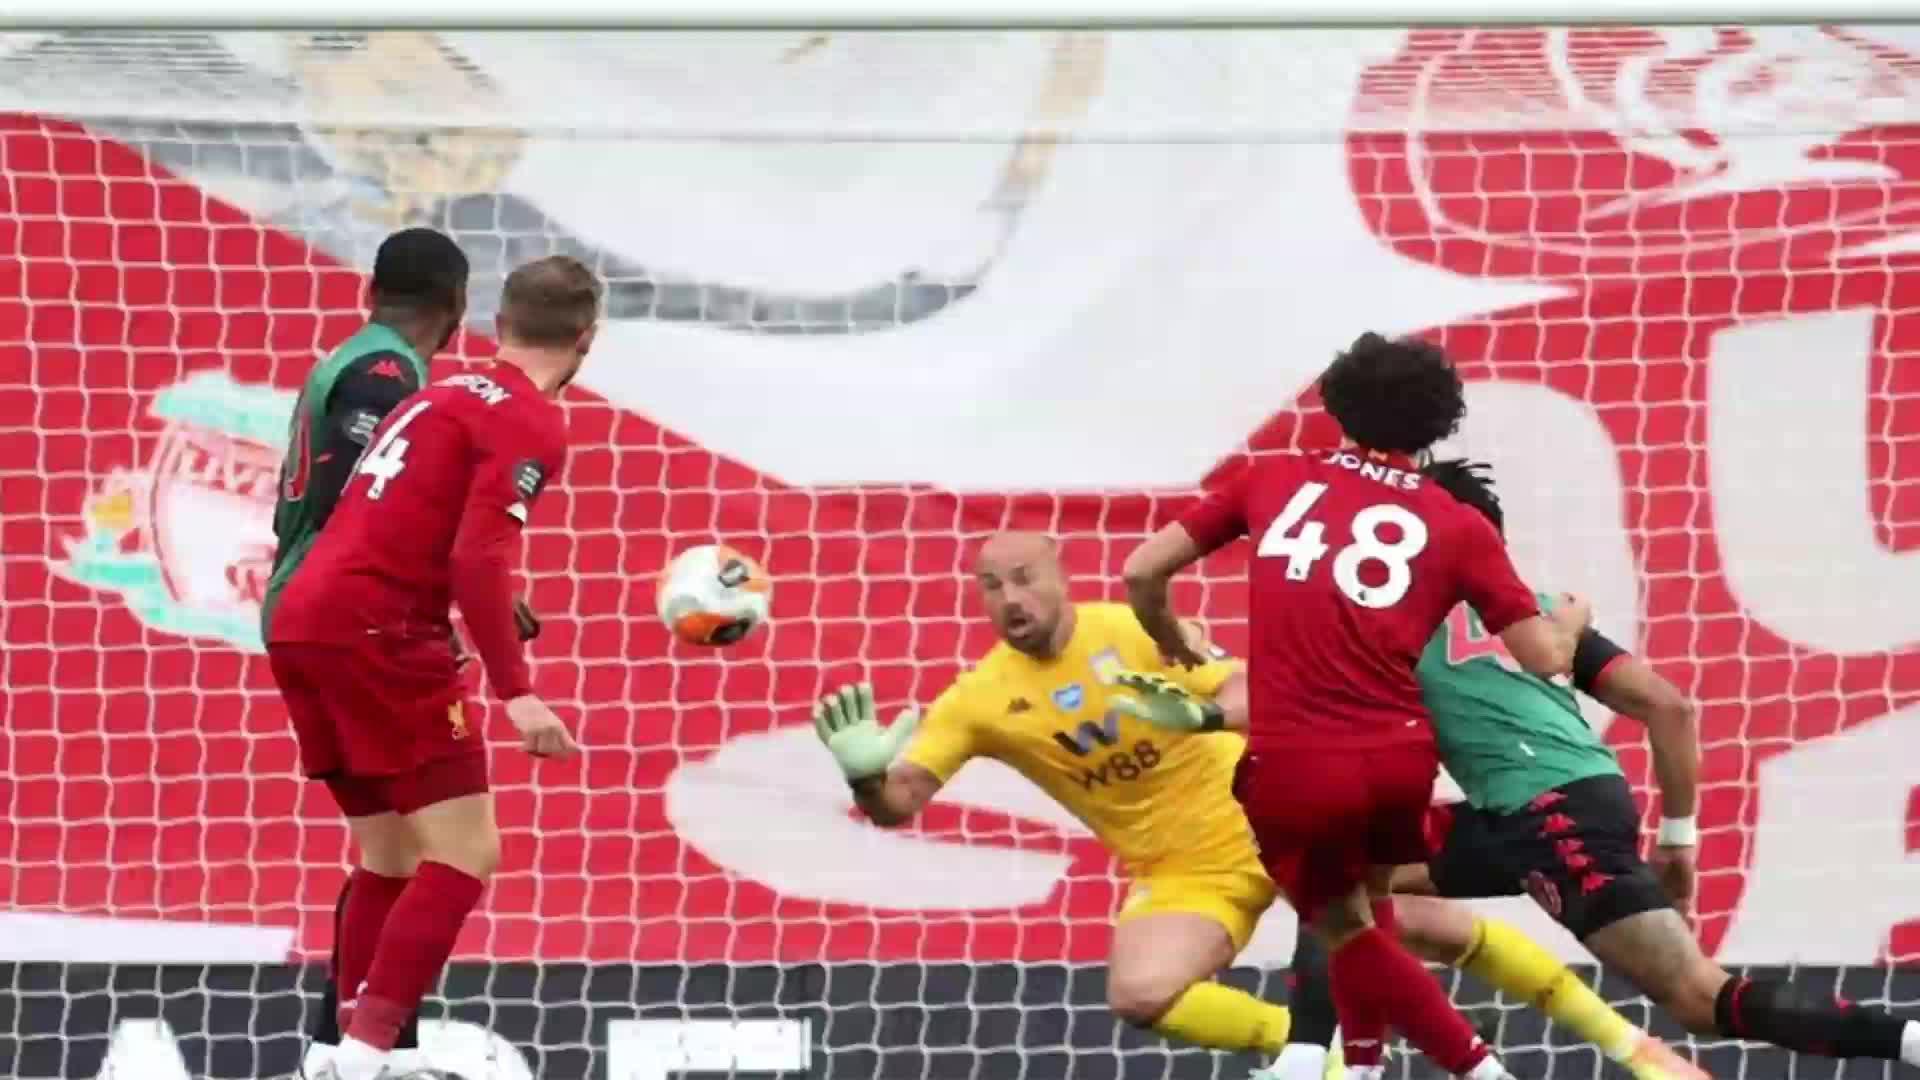 利物浦夺冠三叉戟获一致称赞 名宿哈格里夫斯称曼联锋线更厉害